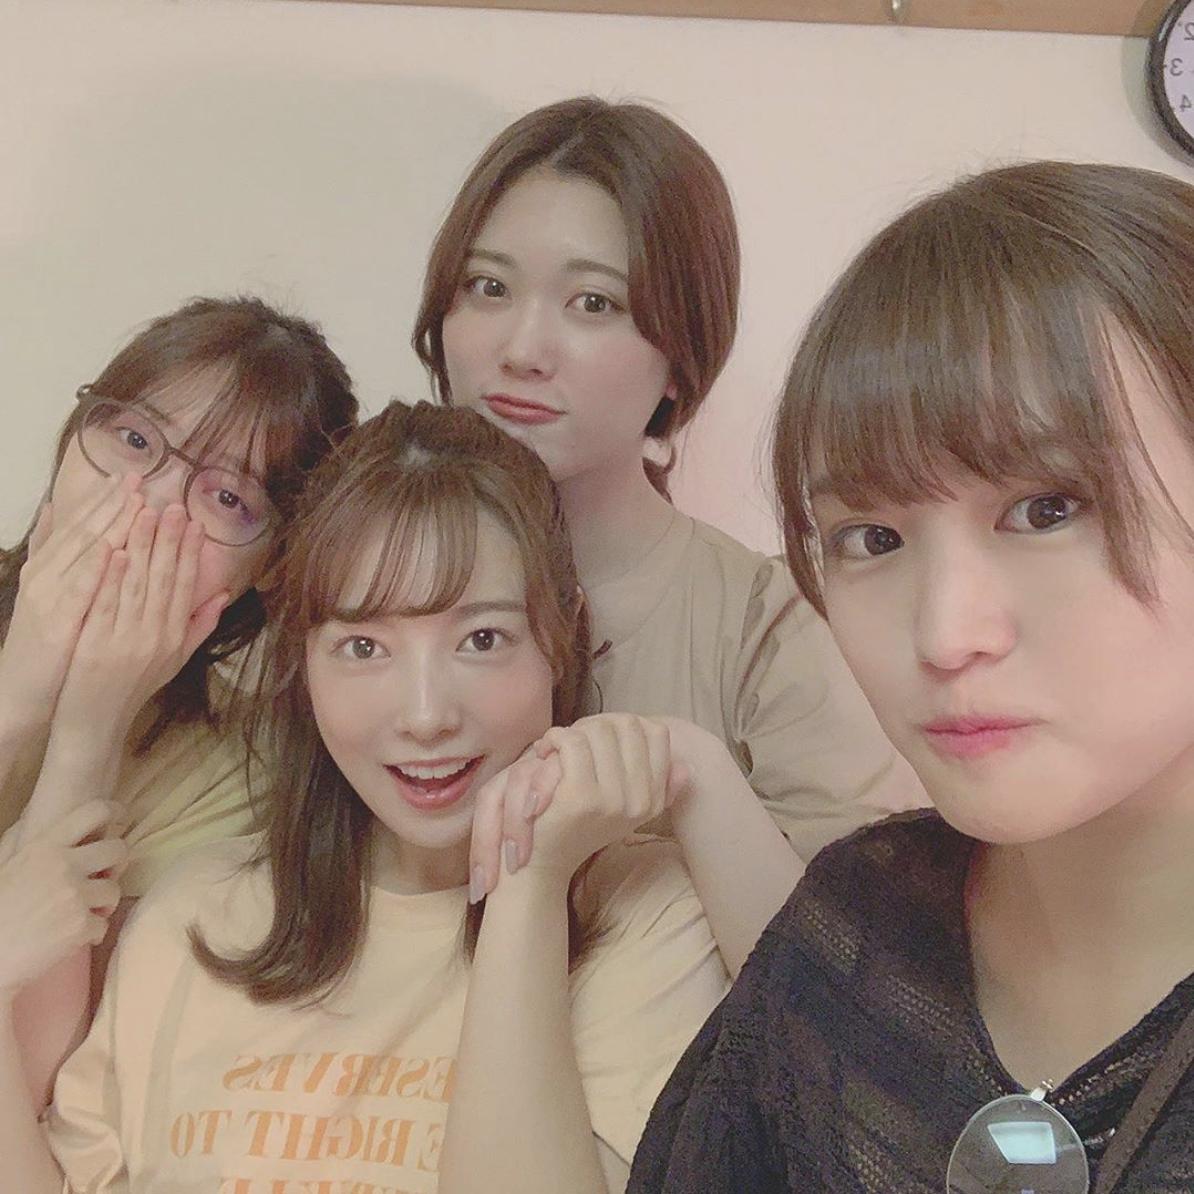 【悲報】最新のすっぴん西野七瀬が激ブスw